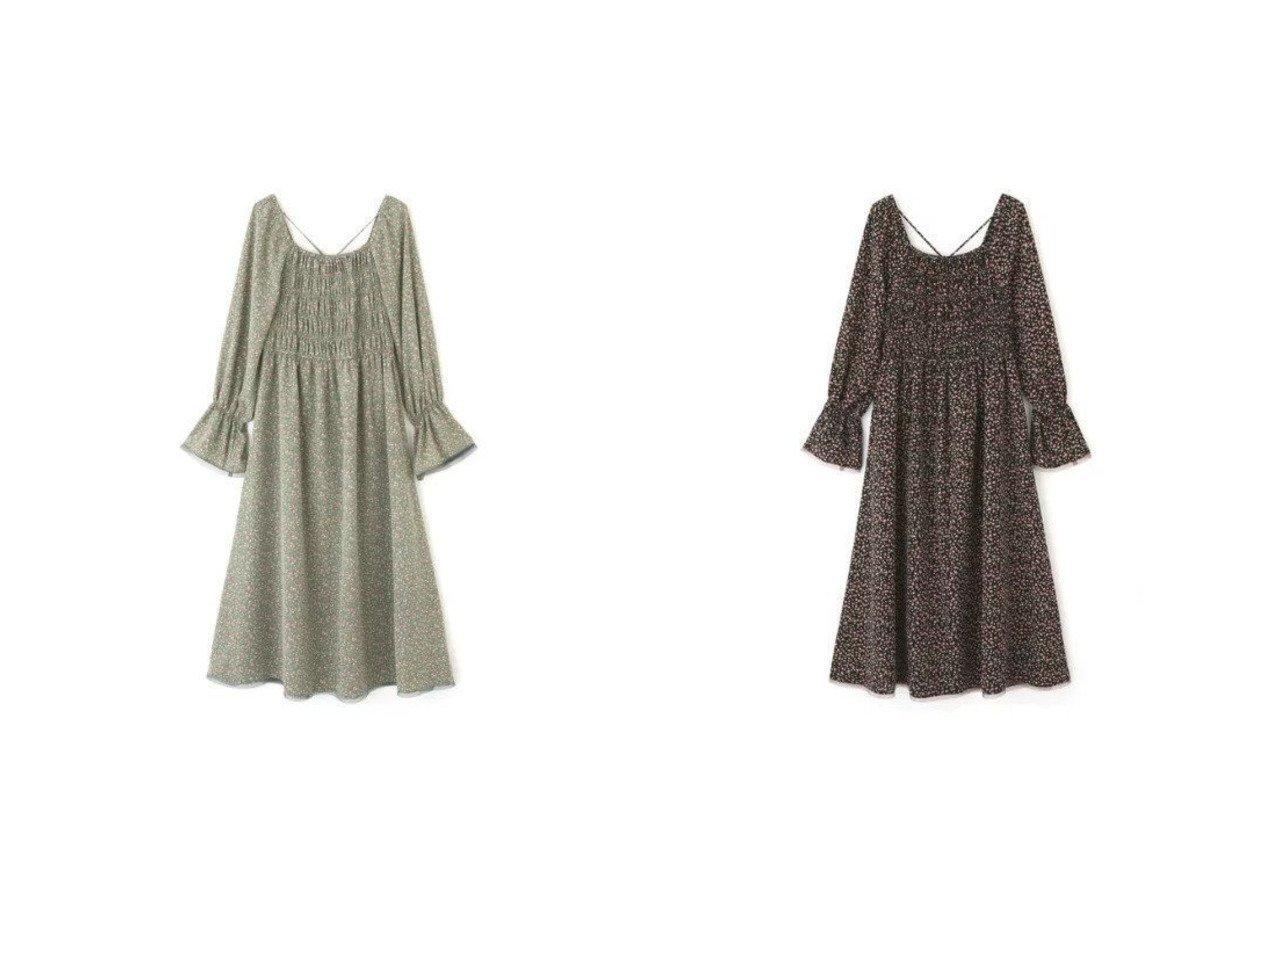 【FREE'S MART/フリーズマート】のフラワープリントパイピングワンピース ワンピース・ドレスのおすすめ!人気、トレンド・レディースファッションの通販    レディースファッション・服の通販 founy(ファニー)